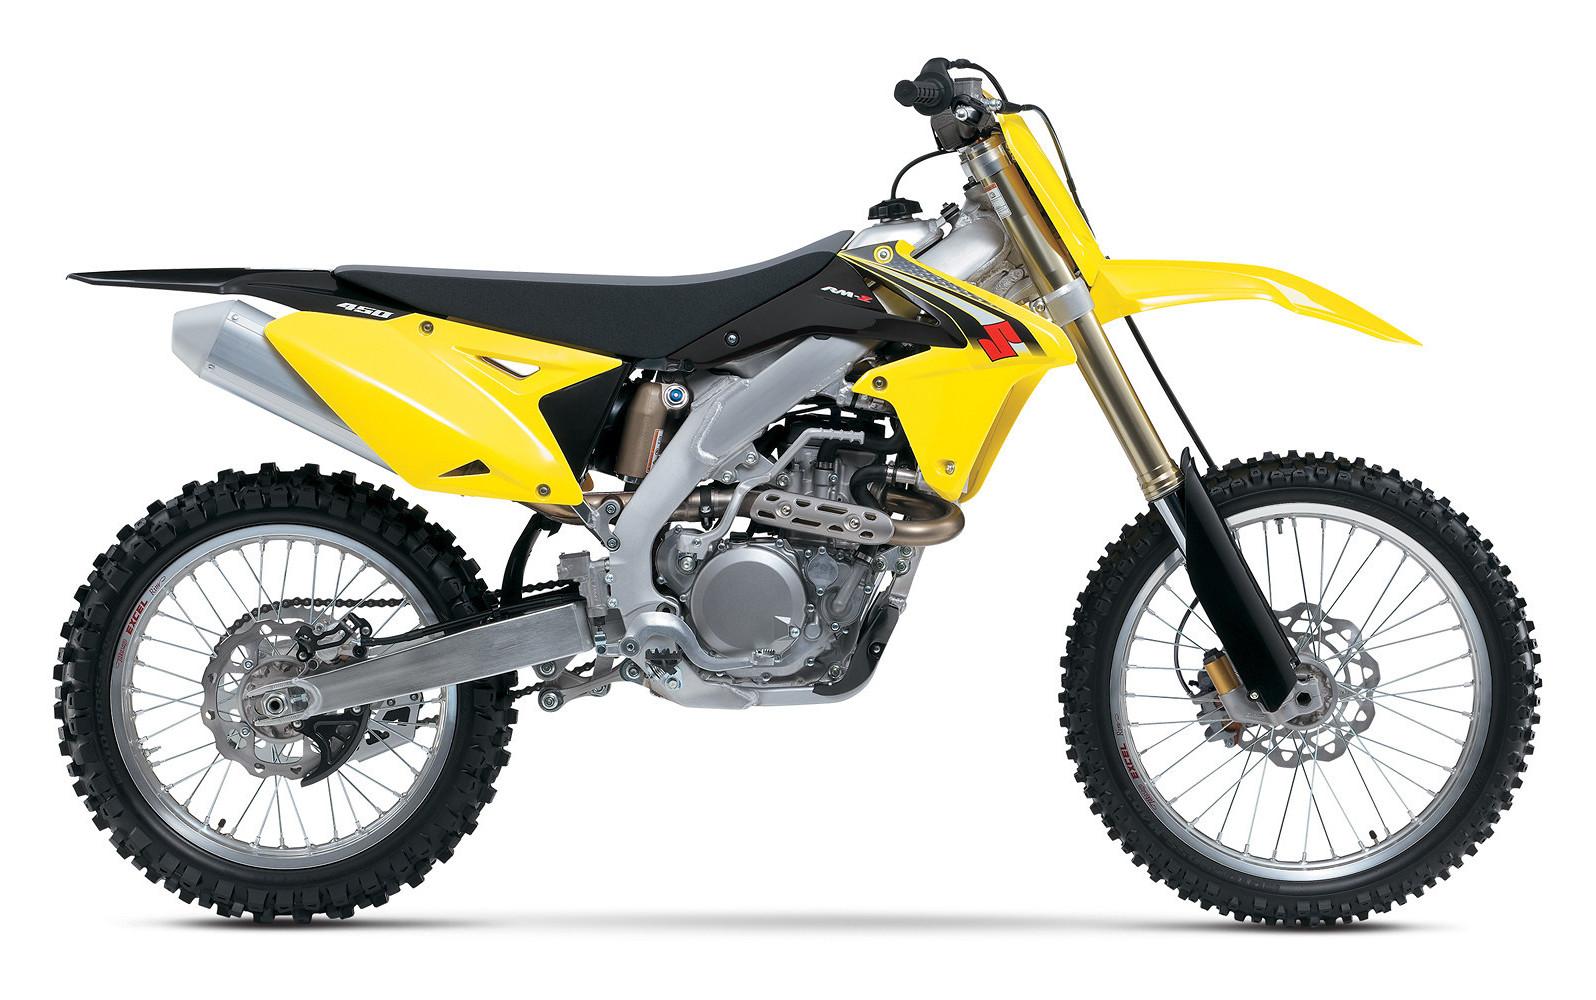 2016 Suzuki RM-Z450  2016 Suzuki RM-Z450